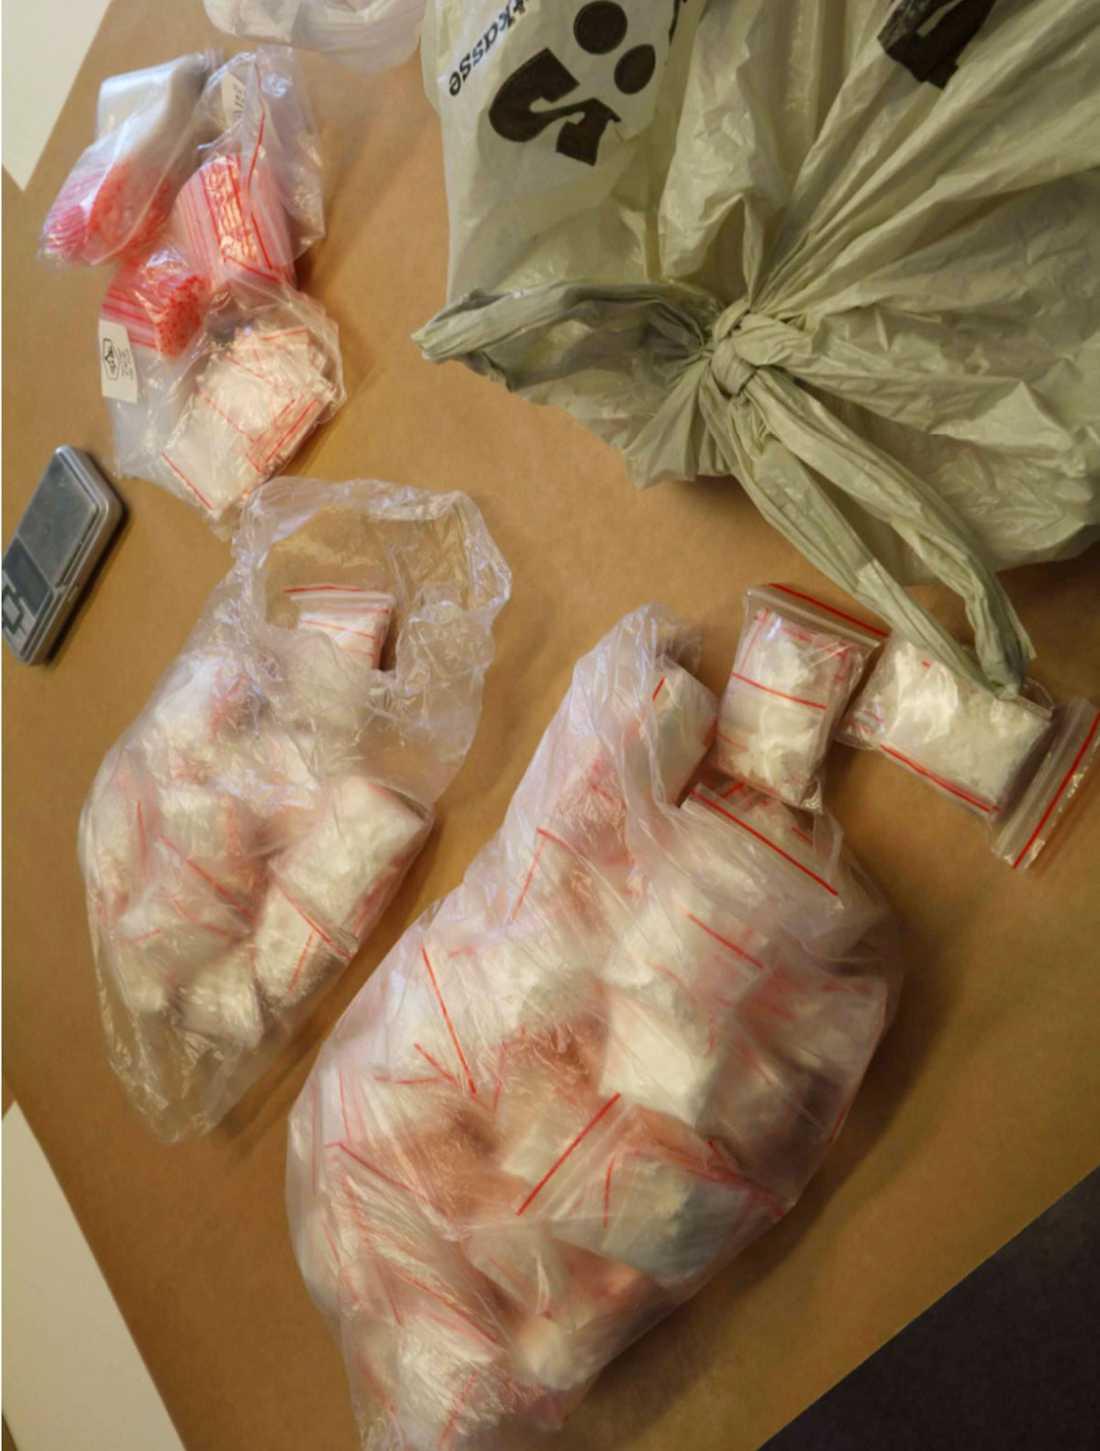 Men i maj sökte polisen igenom ett trapphus i södra Stockholm i samband med ett annat ärende. Vid porten hittades drygt 400 gram höghaltigt kokain, och två pistoler.